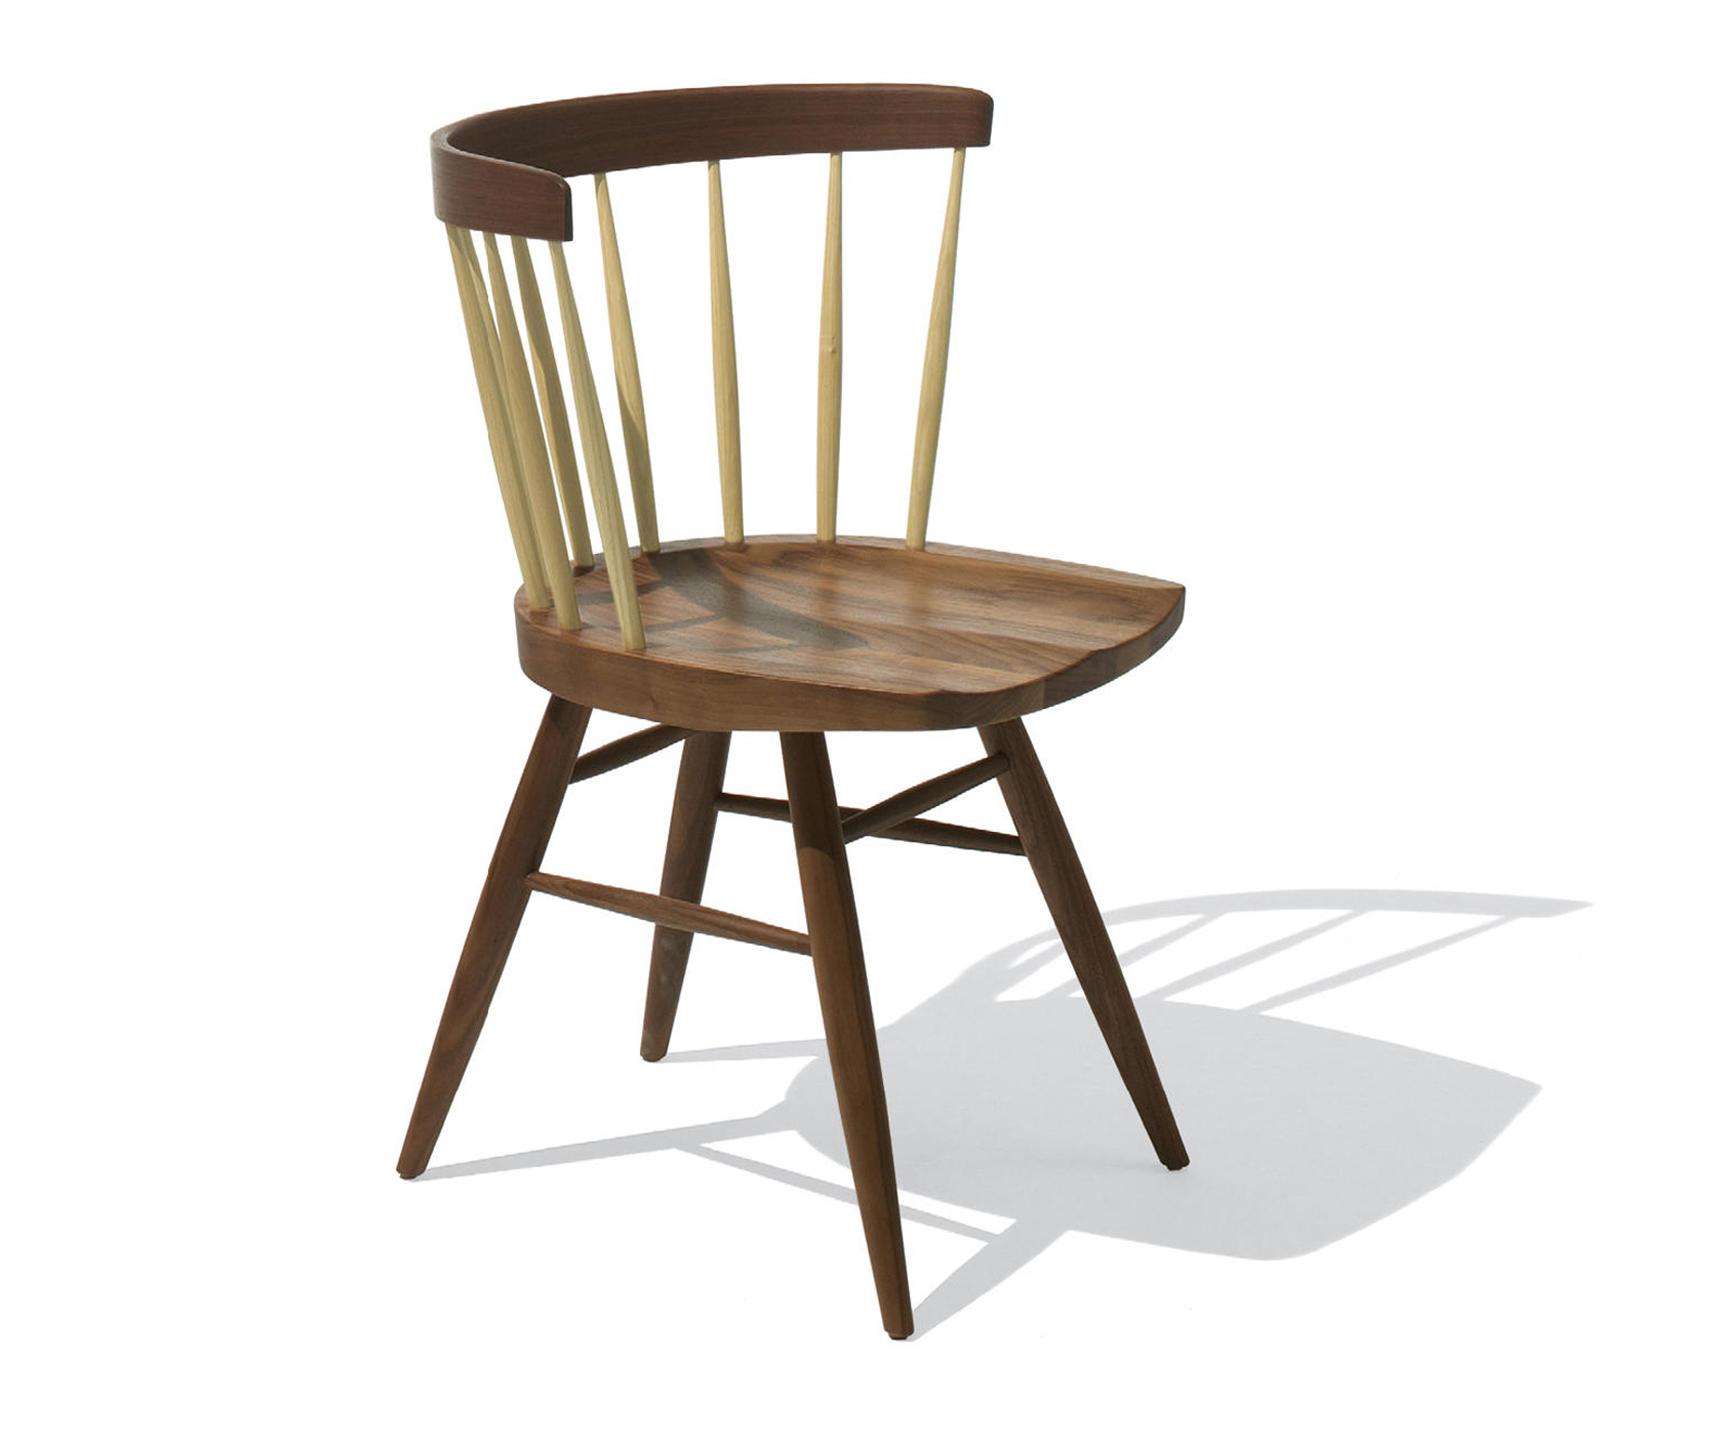 Freiraum starnberg for Stuhl design 20 jahrhundert